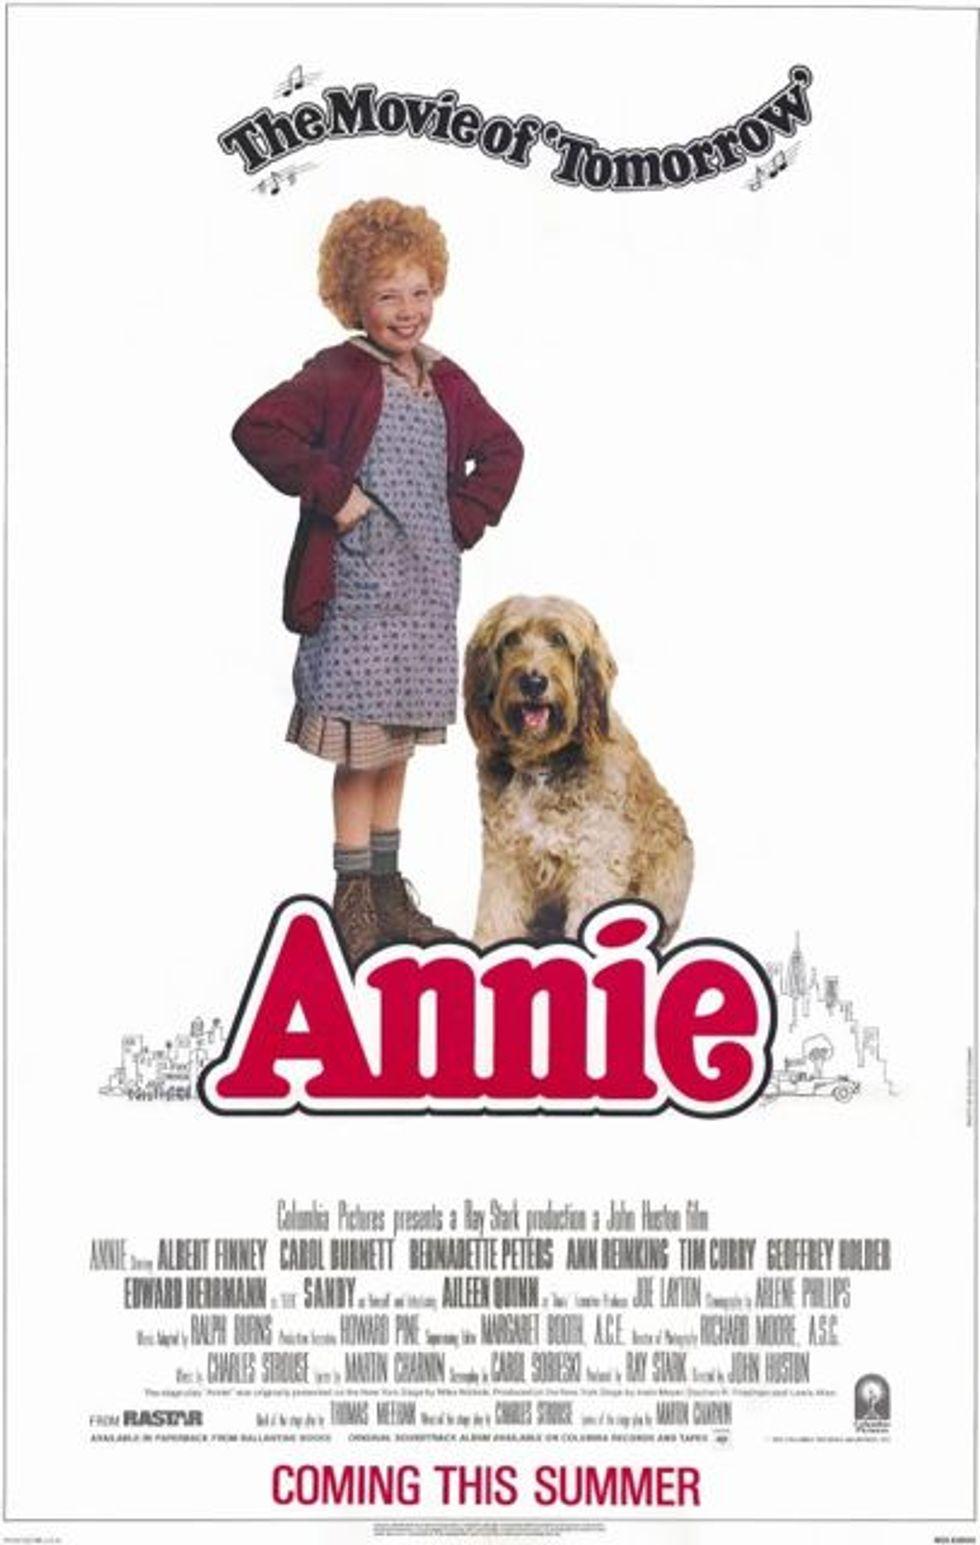 Annie Screens Tonight at IFC